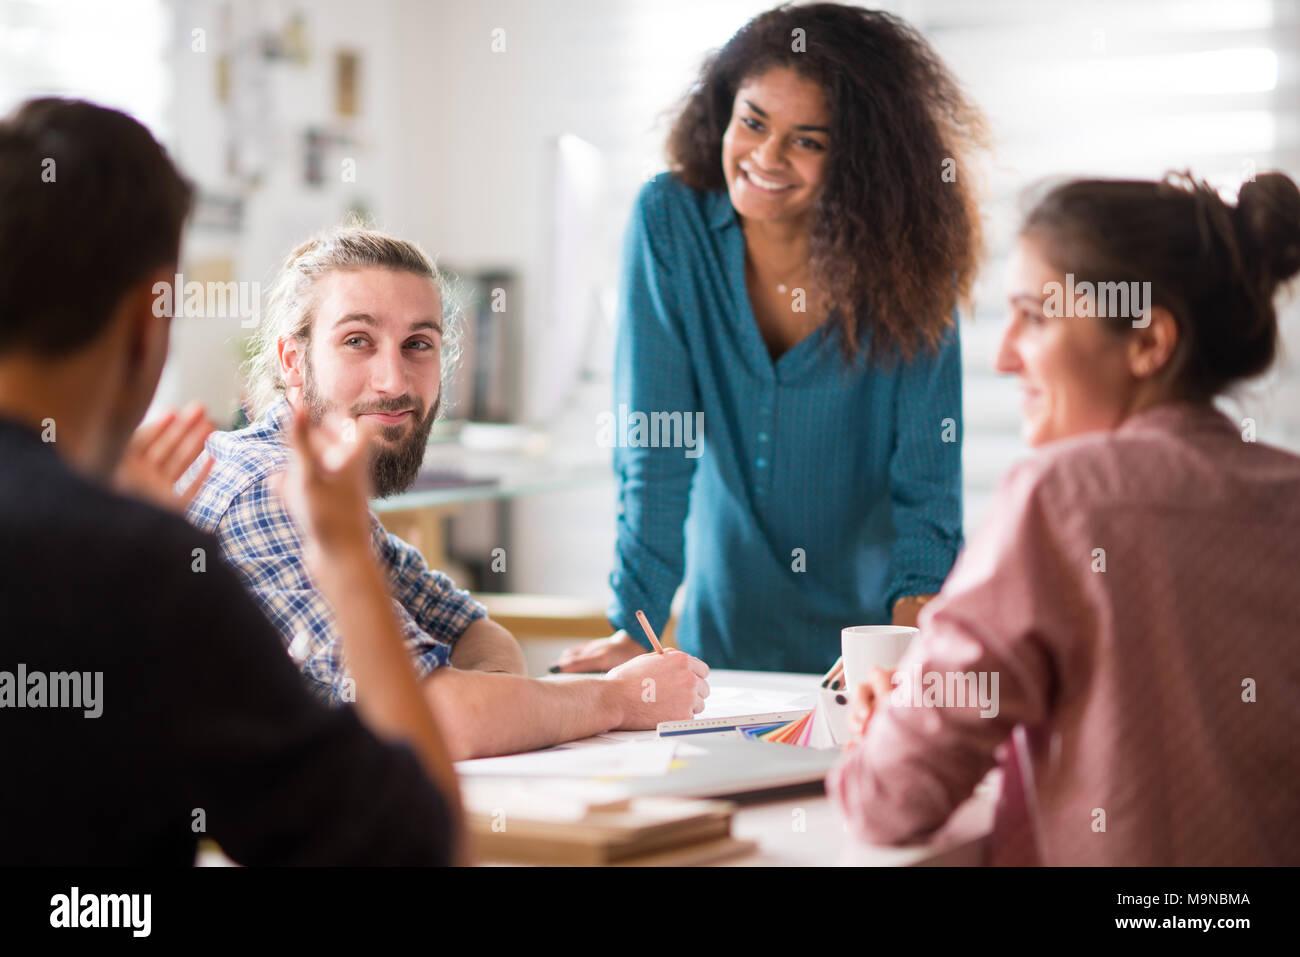 Riunione in ufficio. una donna nera a parlare con i suoi colleghi Immagini Stock